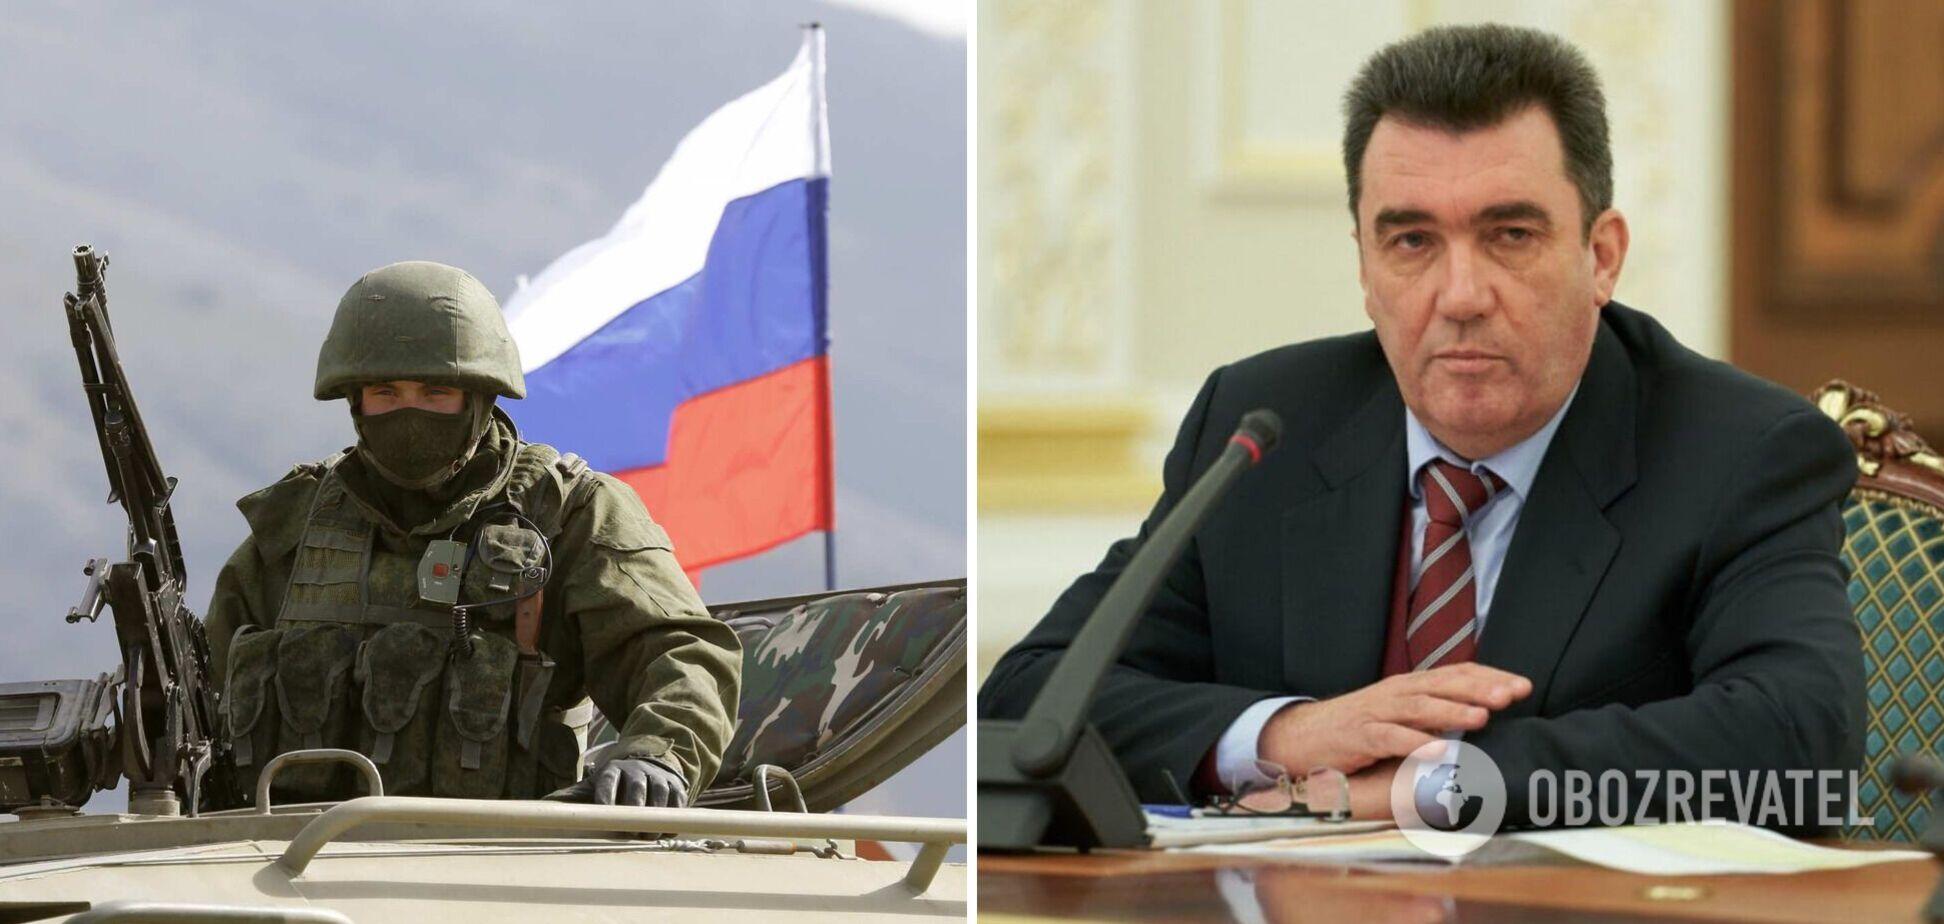 Данілов порівняв дії українських олігархів з військовою агресією Росії